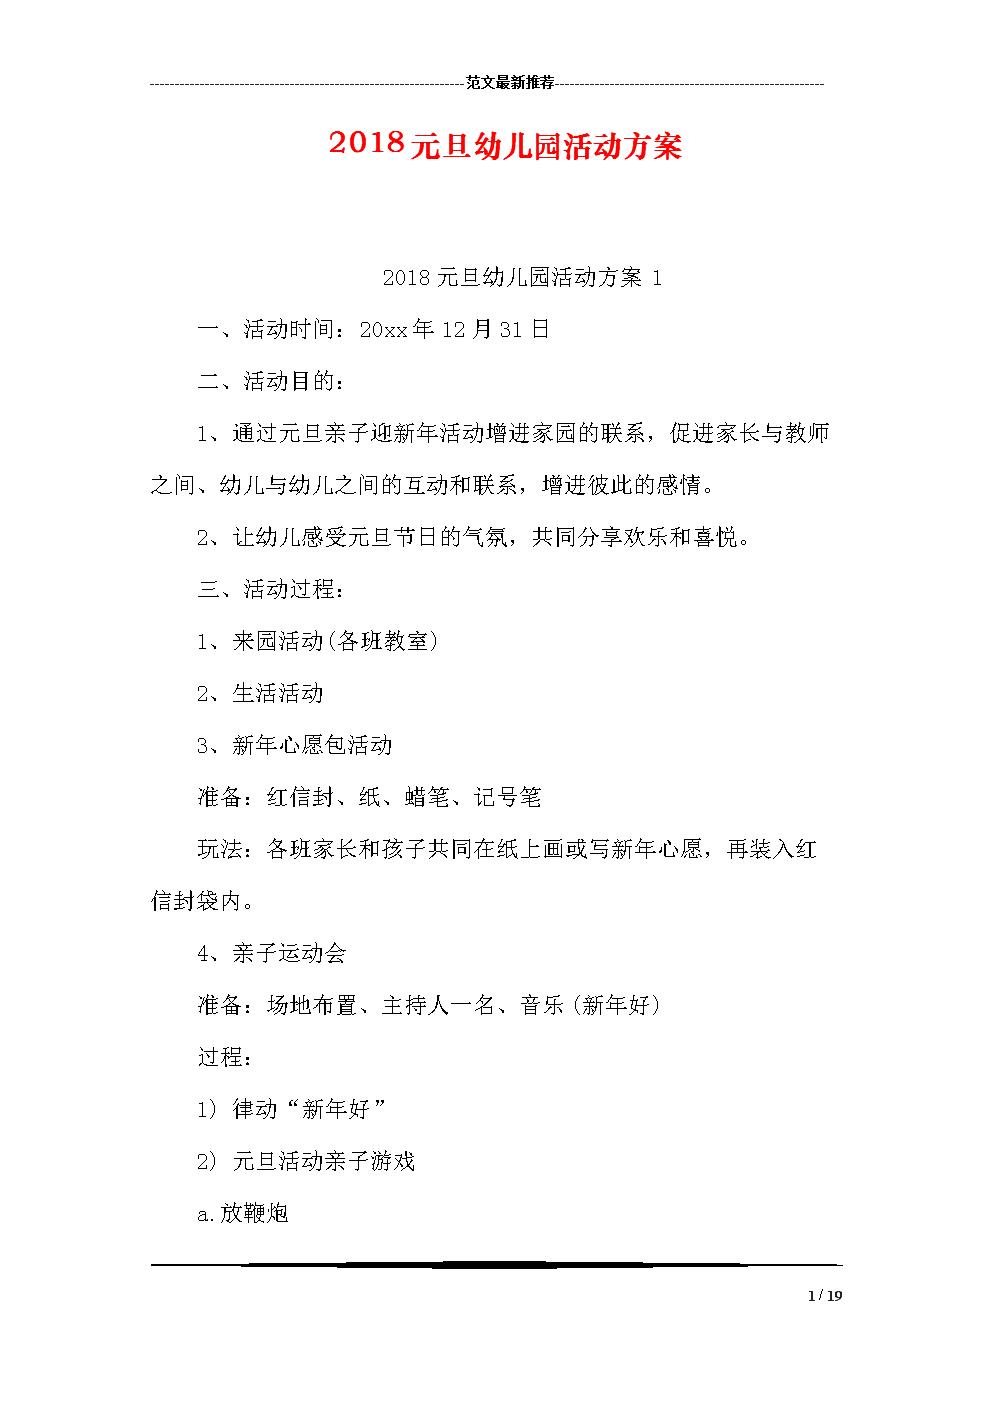 安阳 策划文案_经典文案策划案例_经典文案案例